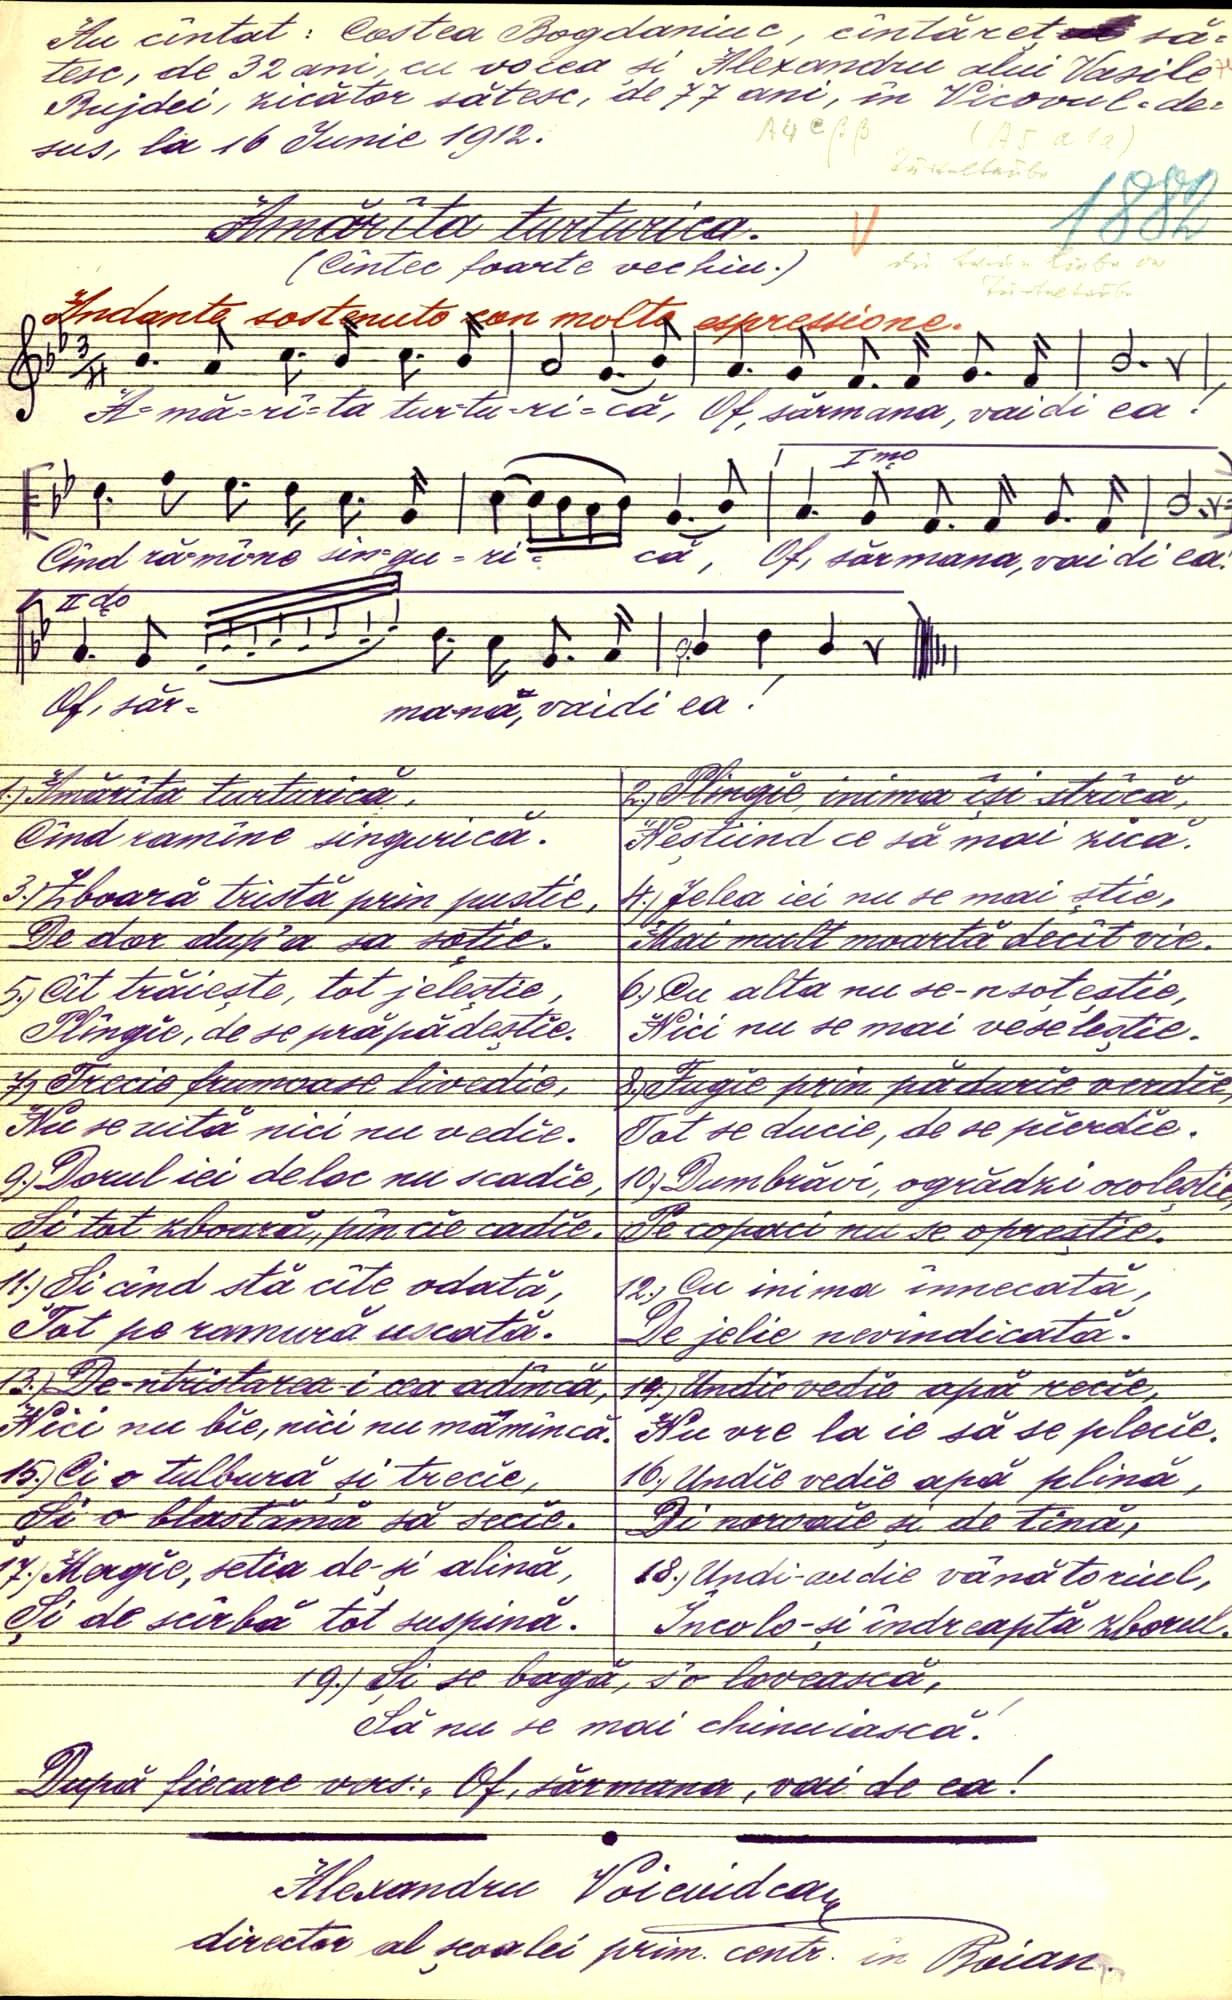 Manuscrisul lui Voievidca